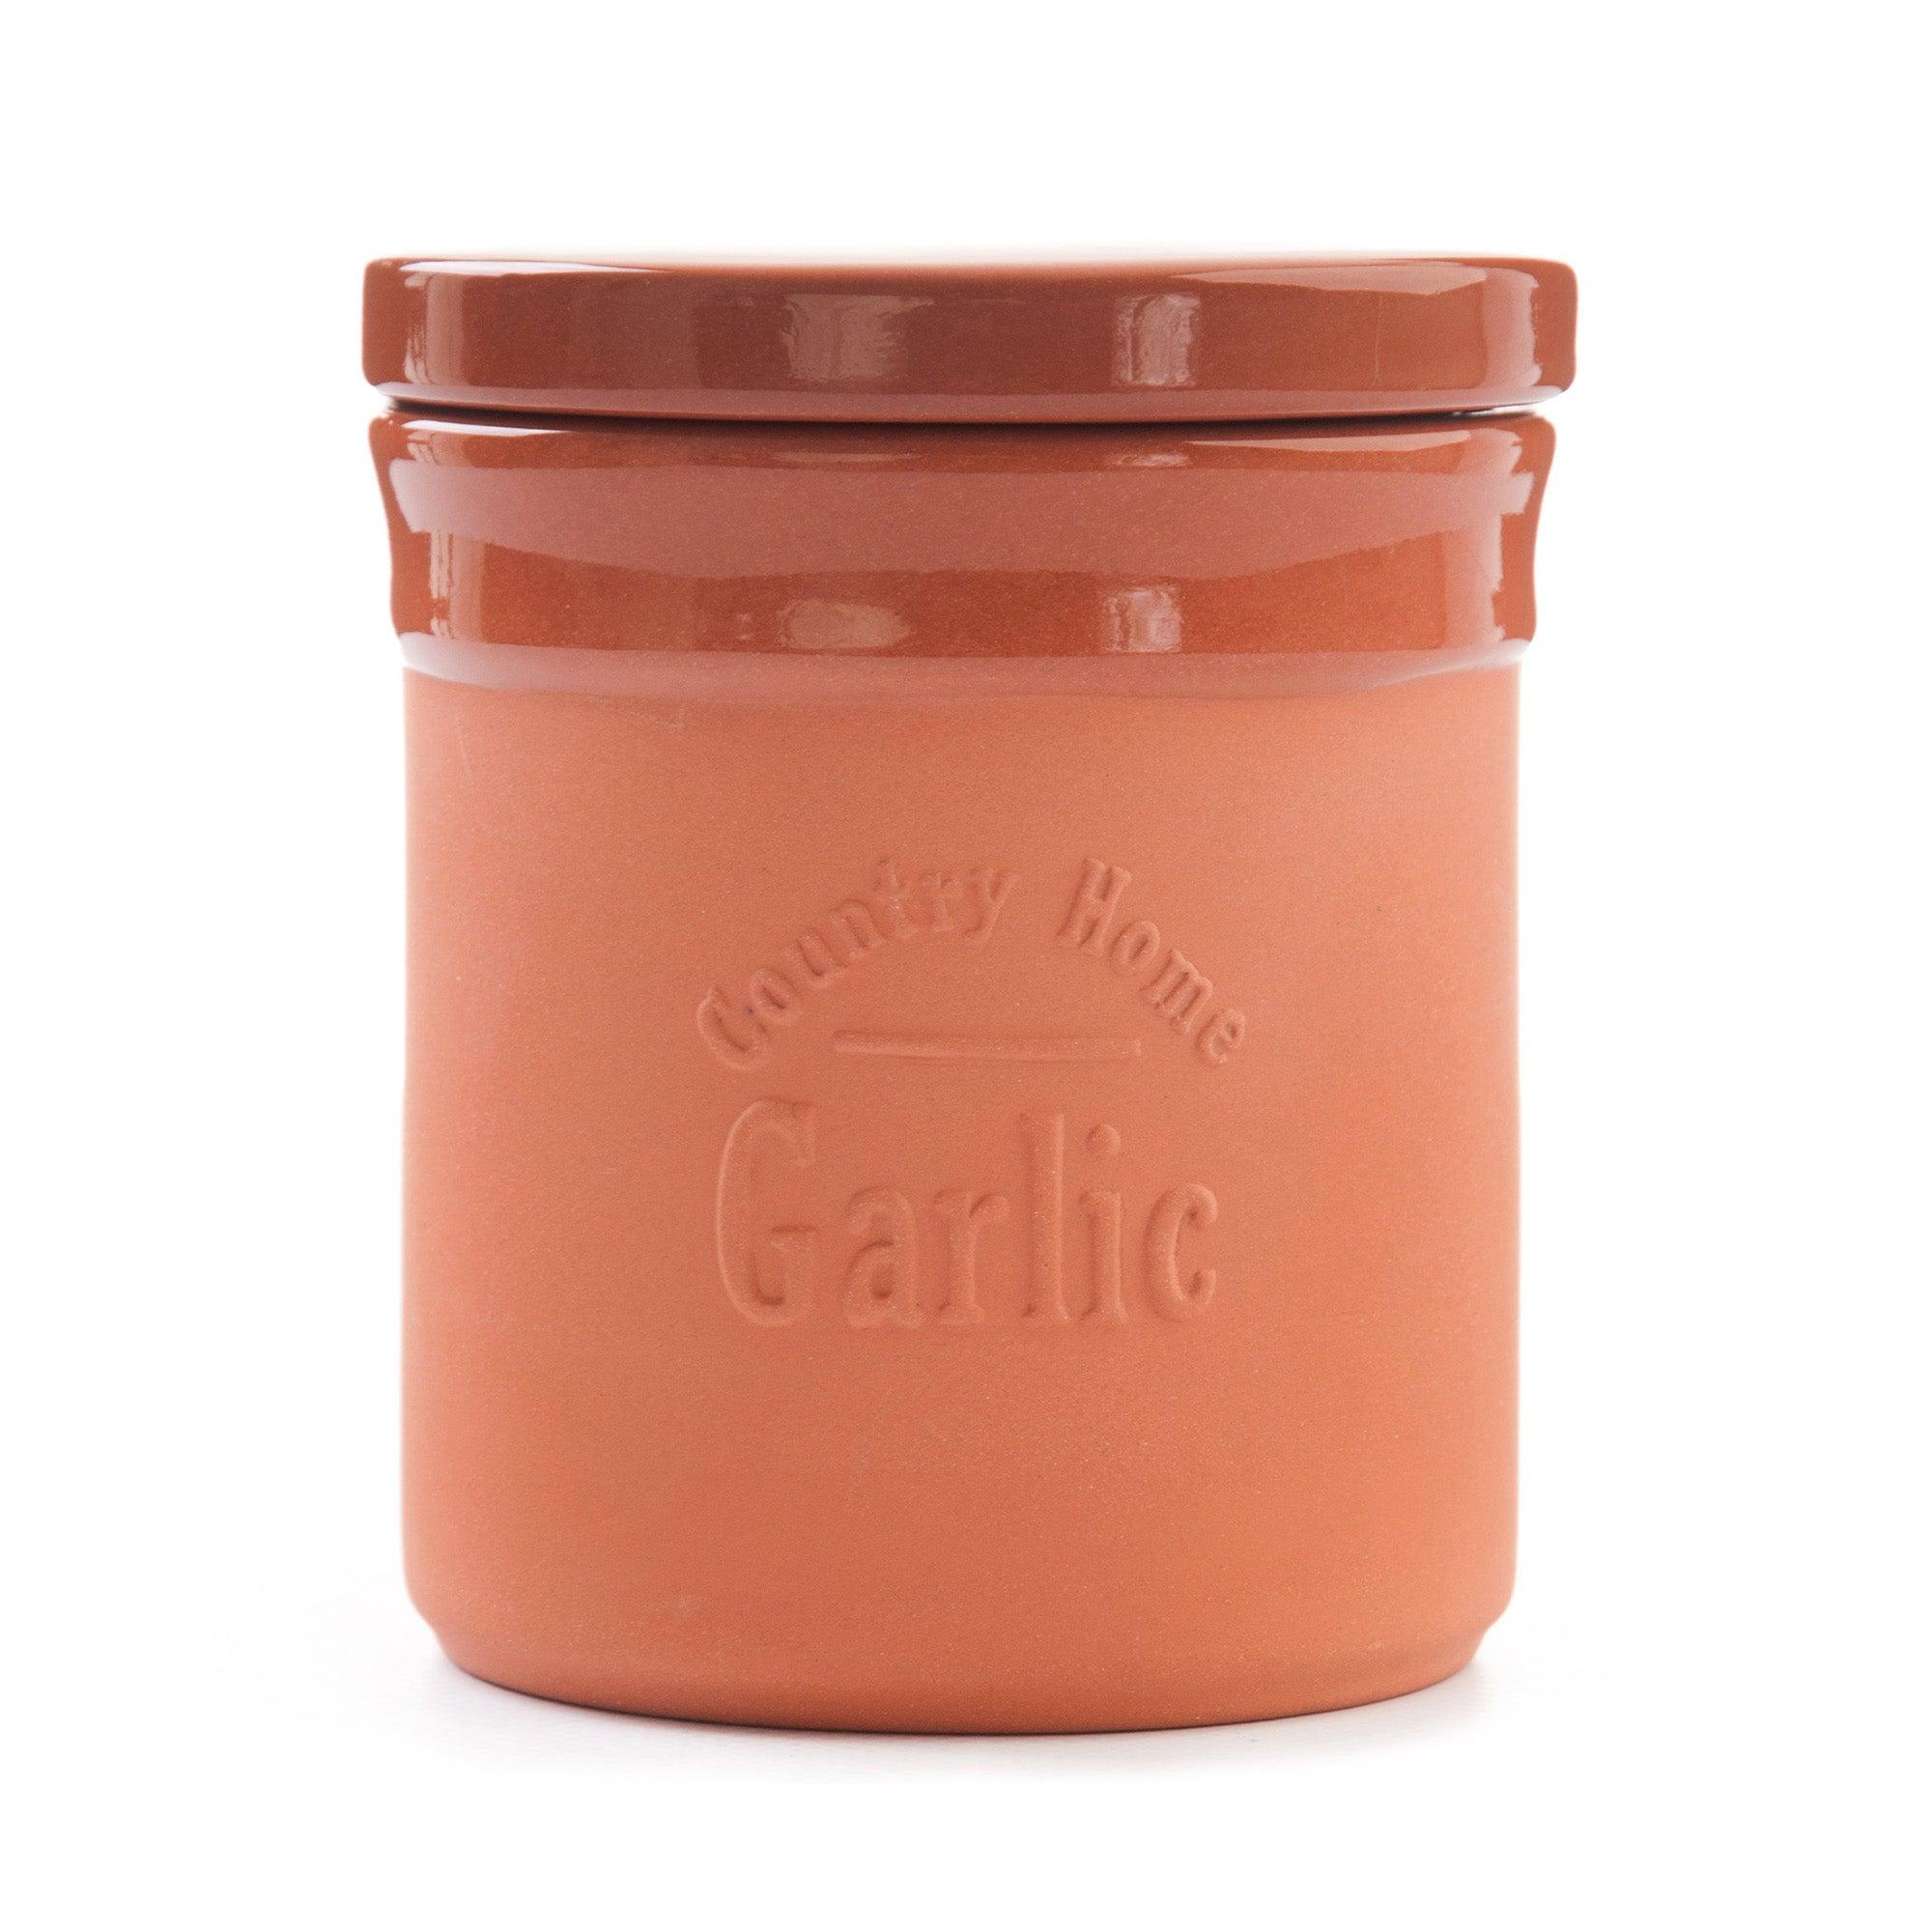 Terracotta Collection Garlic Storer